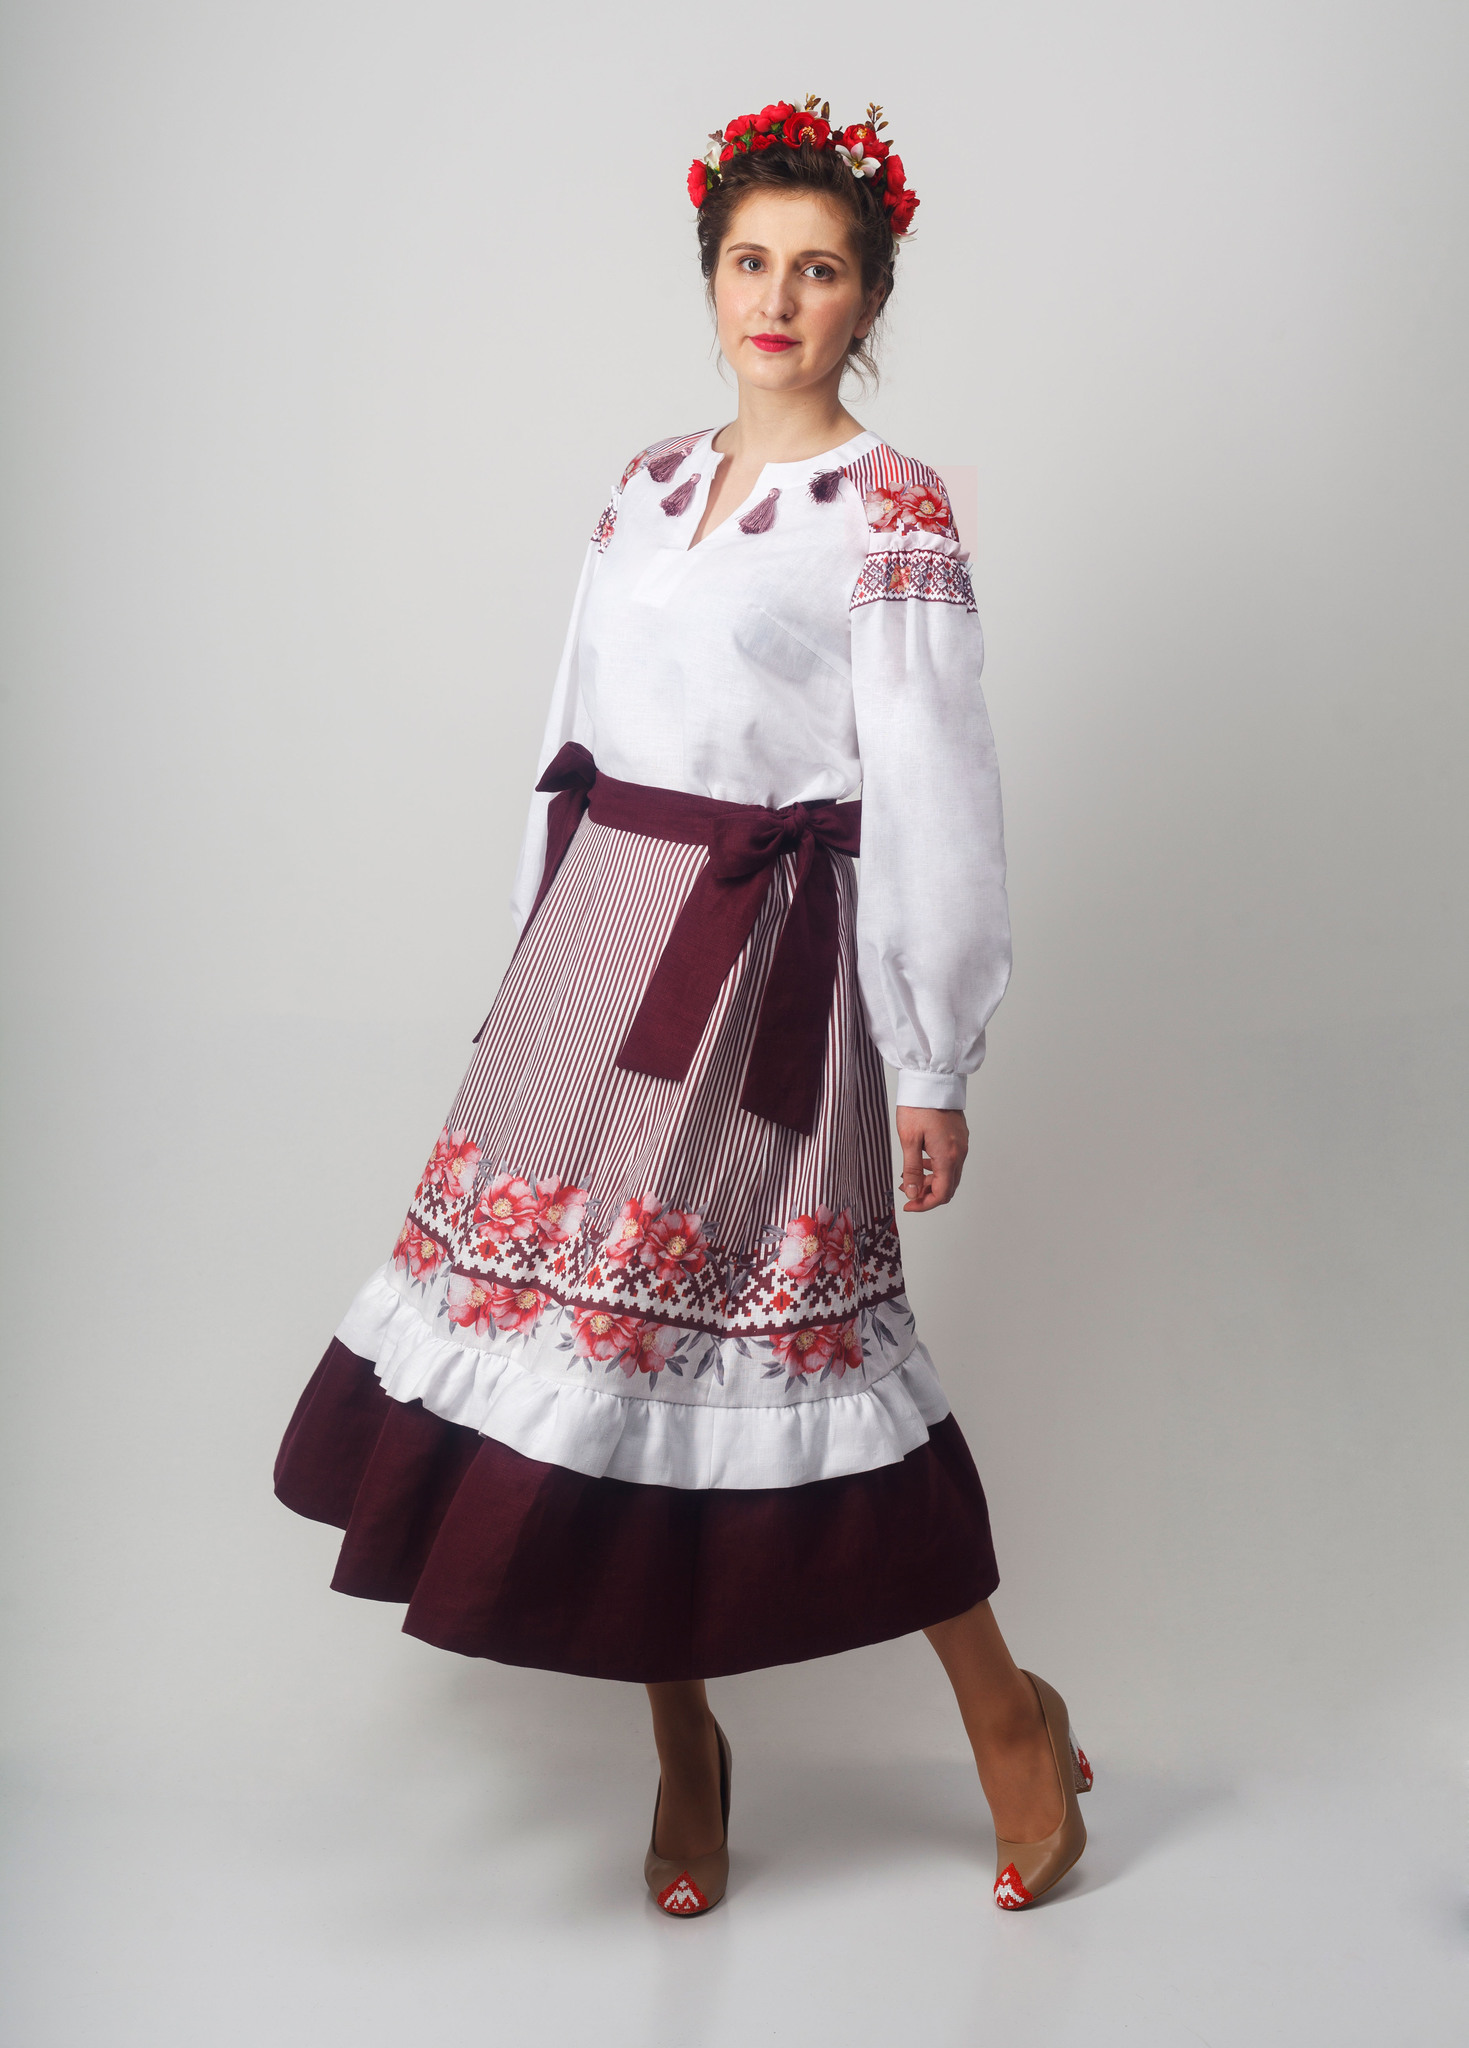 Блуза Дивная 02 с юбкой Хозяйка тайги